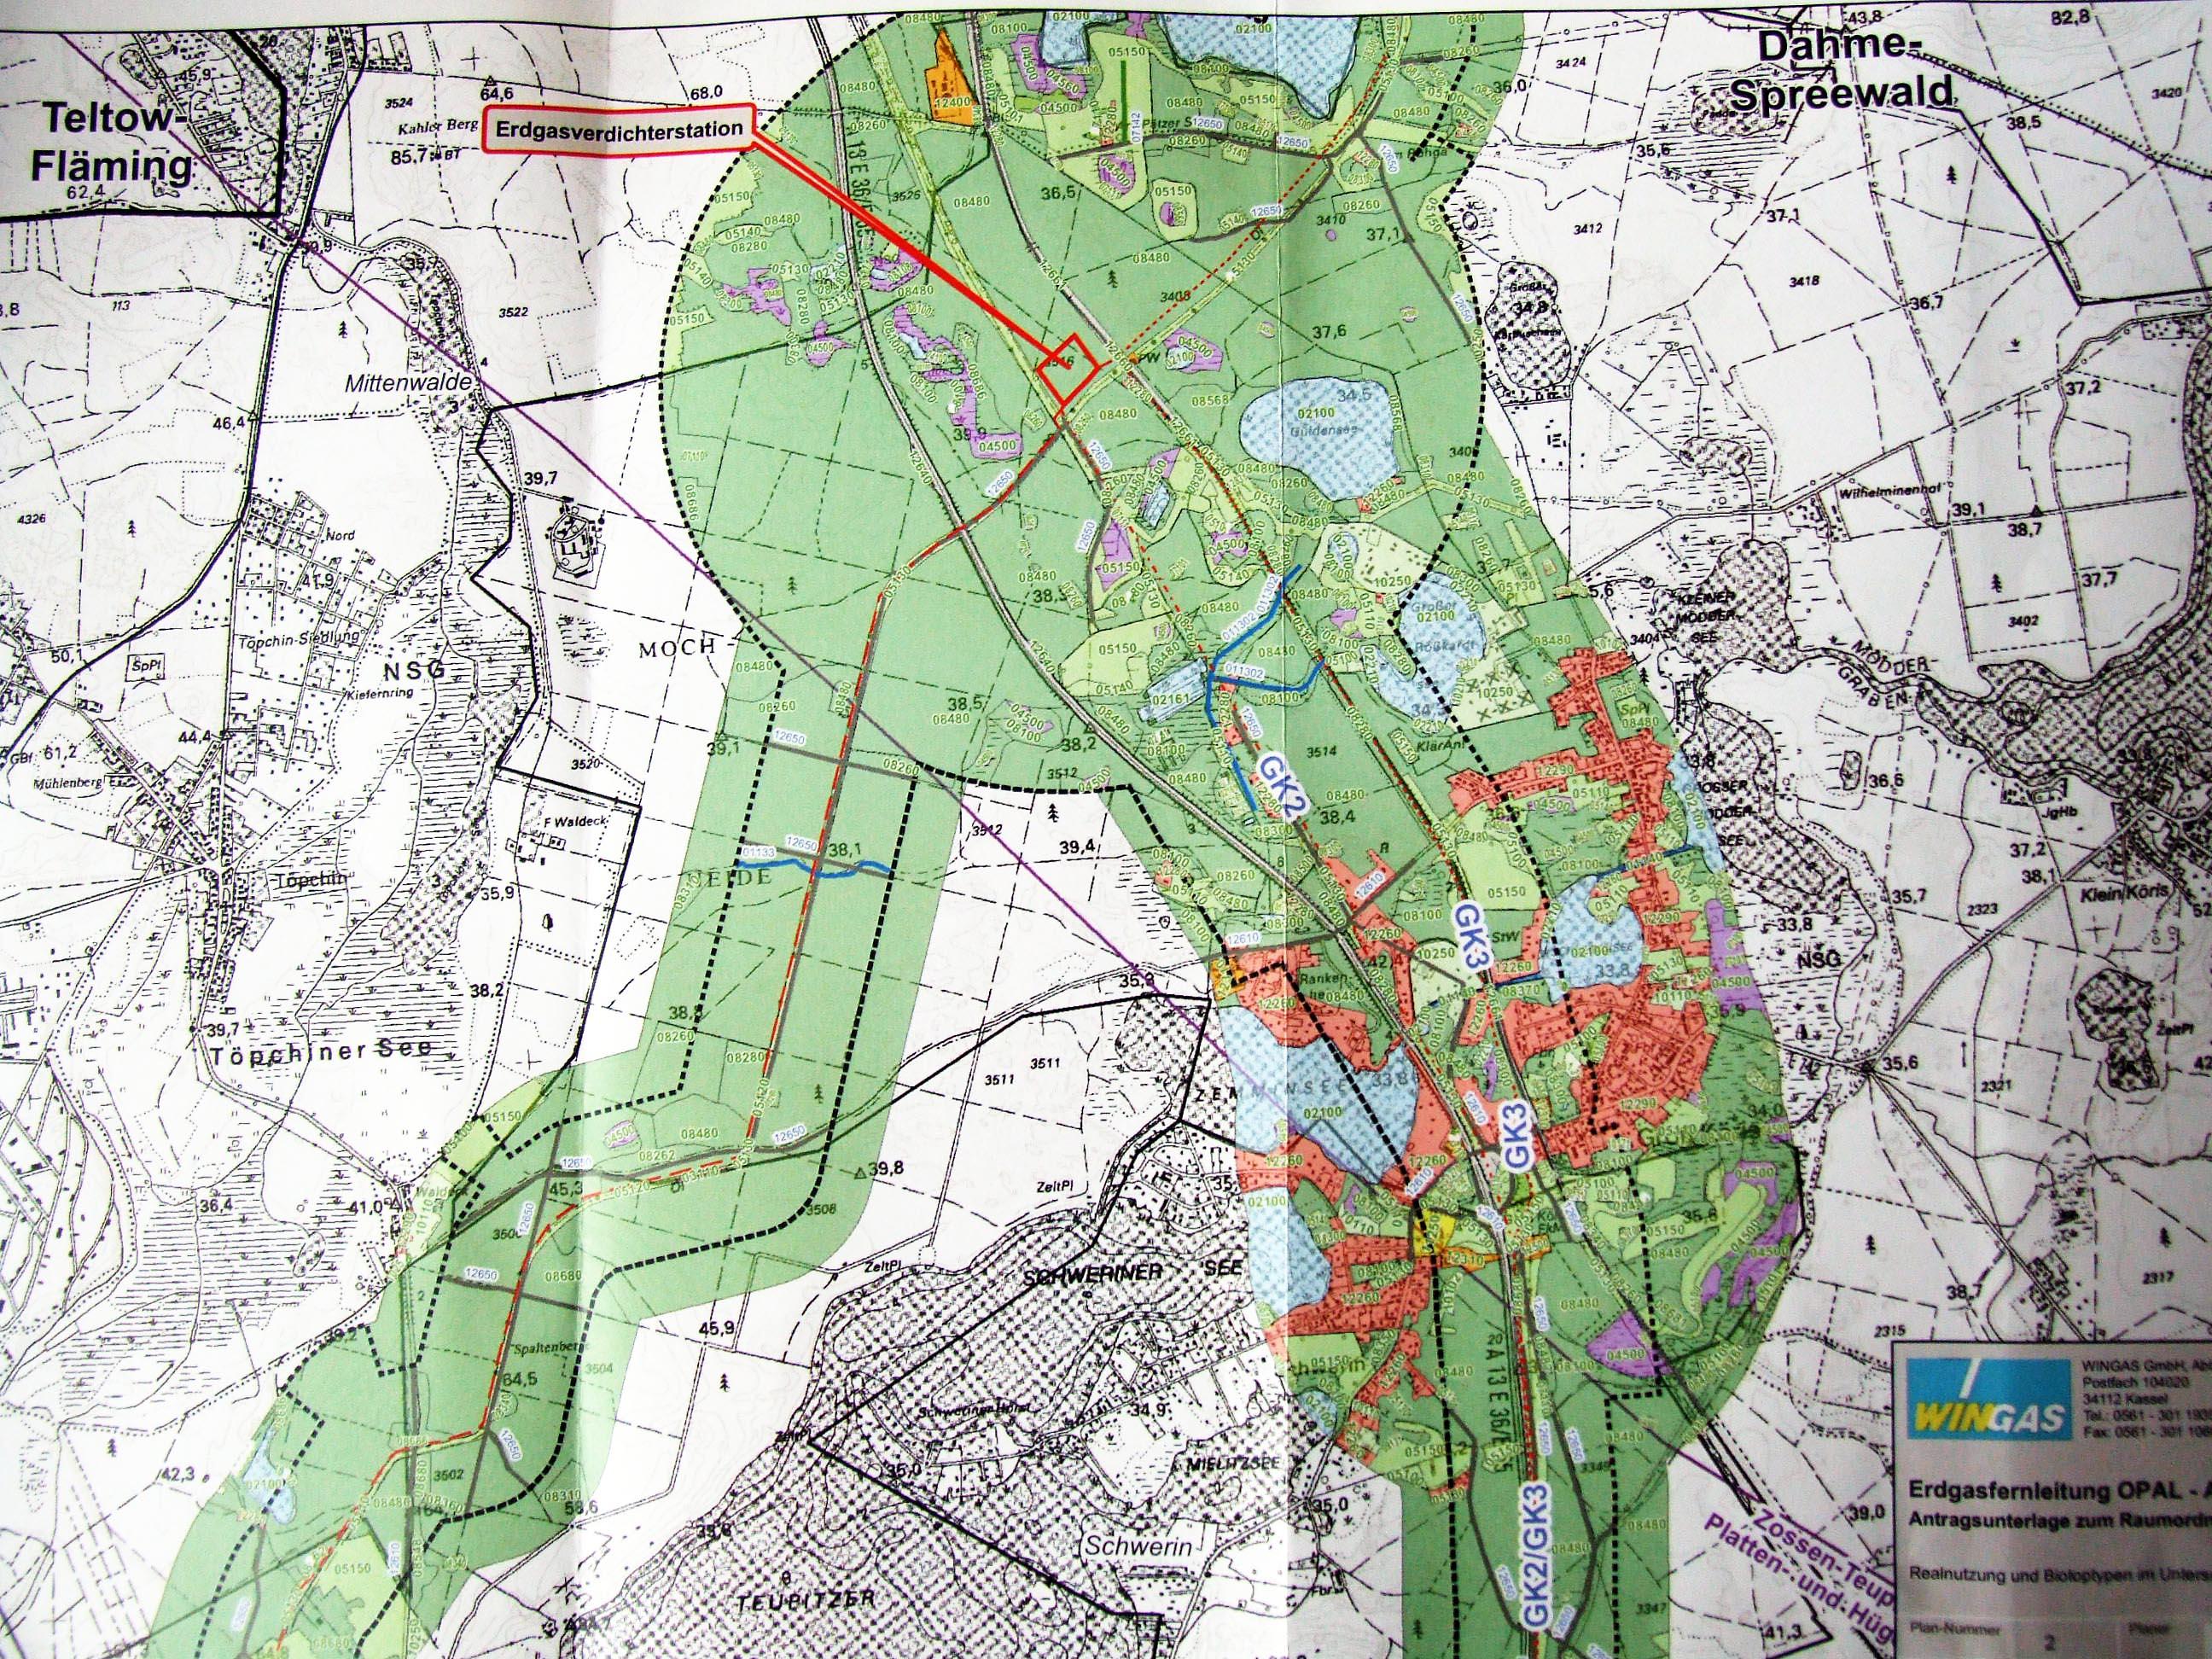 Derzeit von WINGAS geplanter Standort der Gasverdichteranlage Groß Köris (Zum Vergrößern ins Bild klicken)